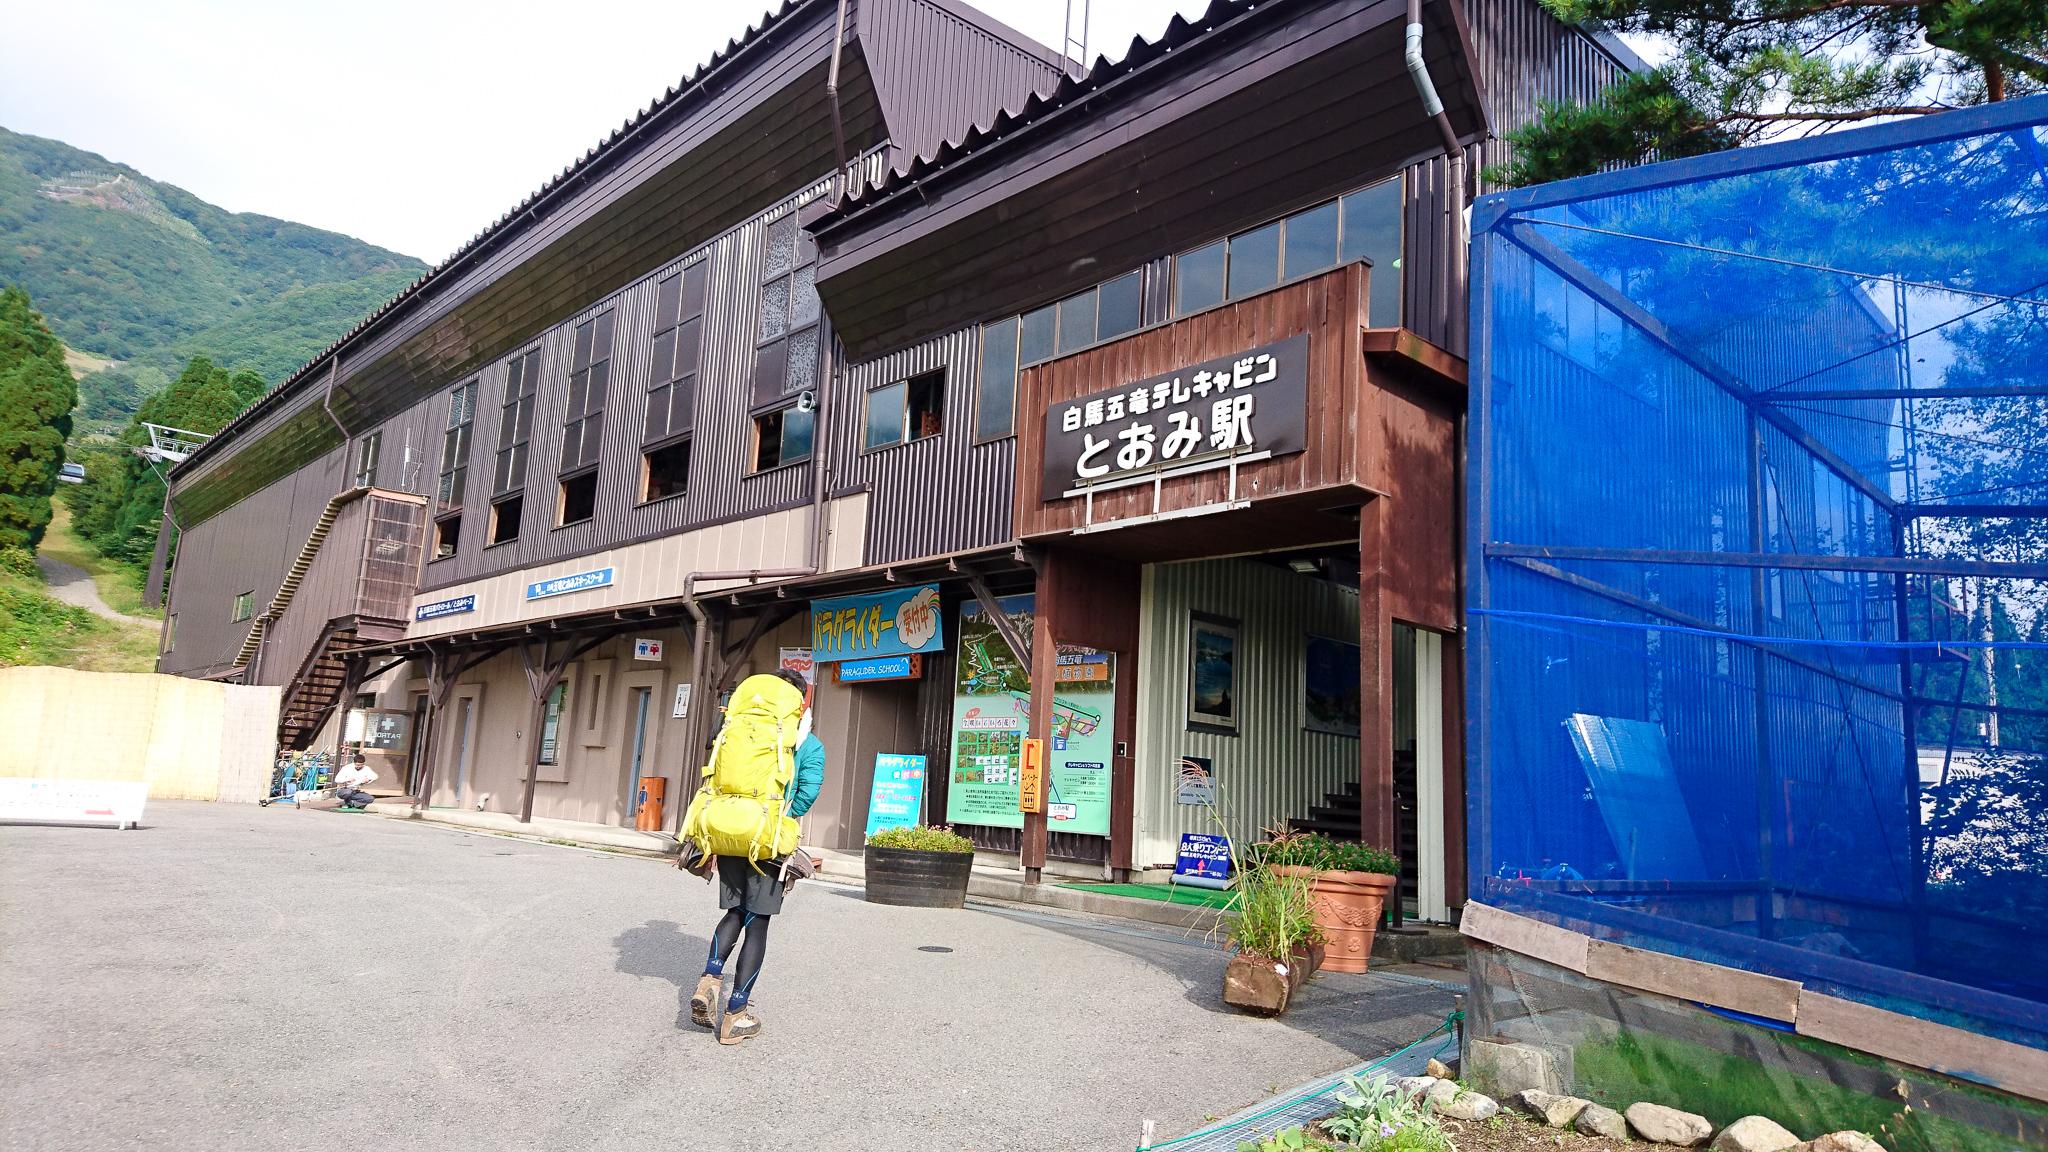 白馬五竜スキー場・テレキャビン・とおみ駅